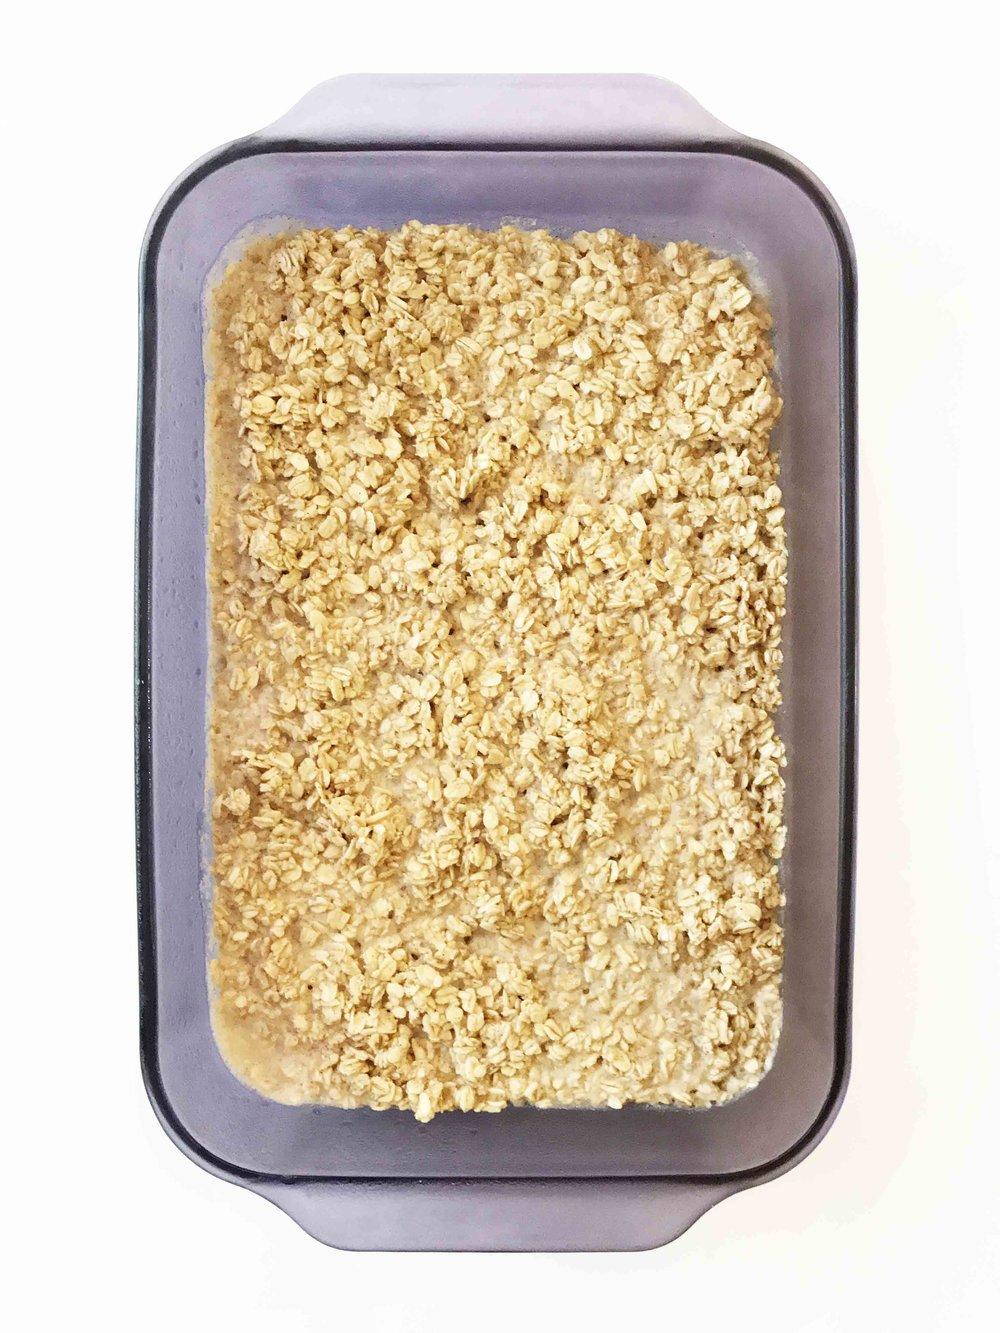 amish-oatmeal6.jpg